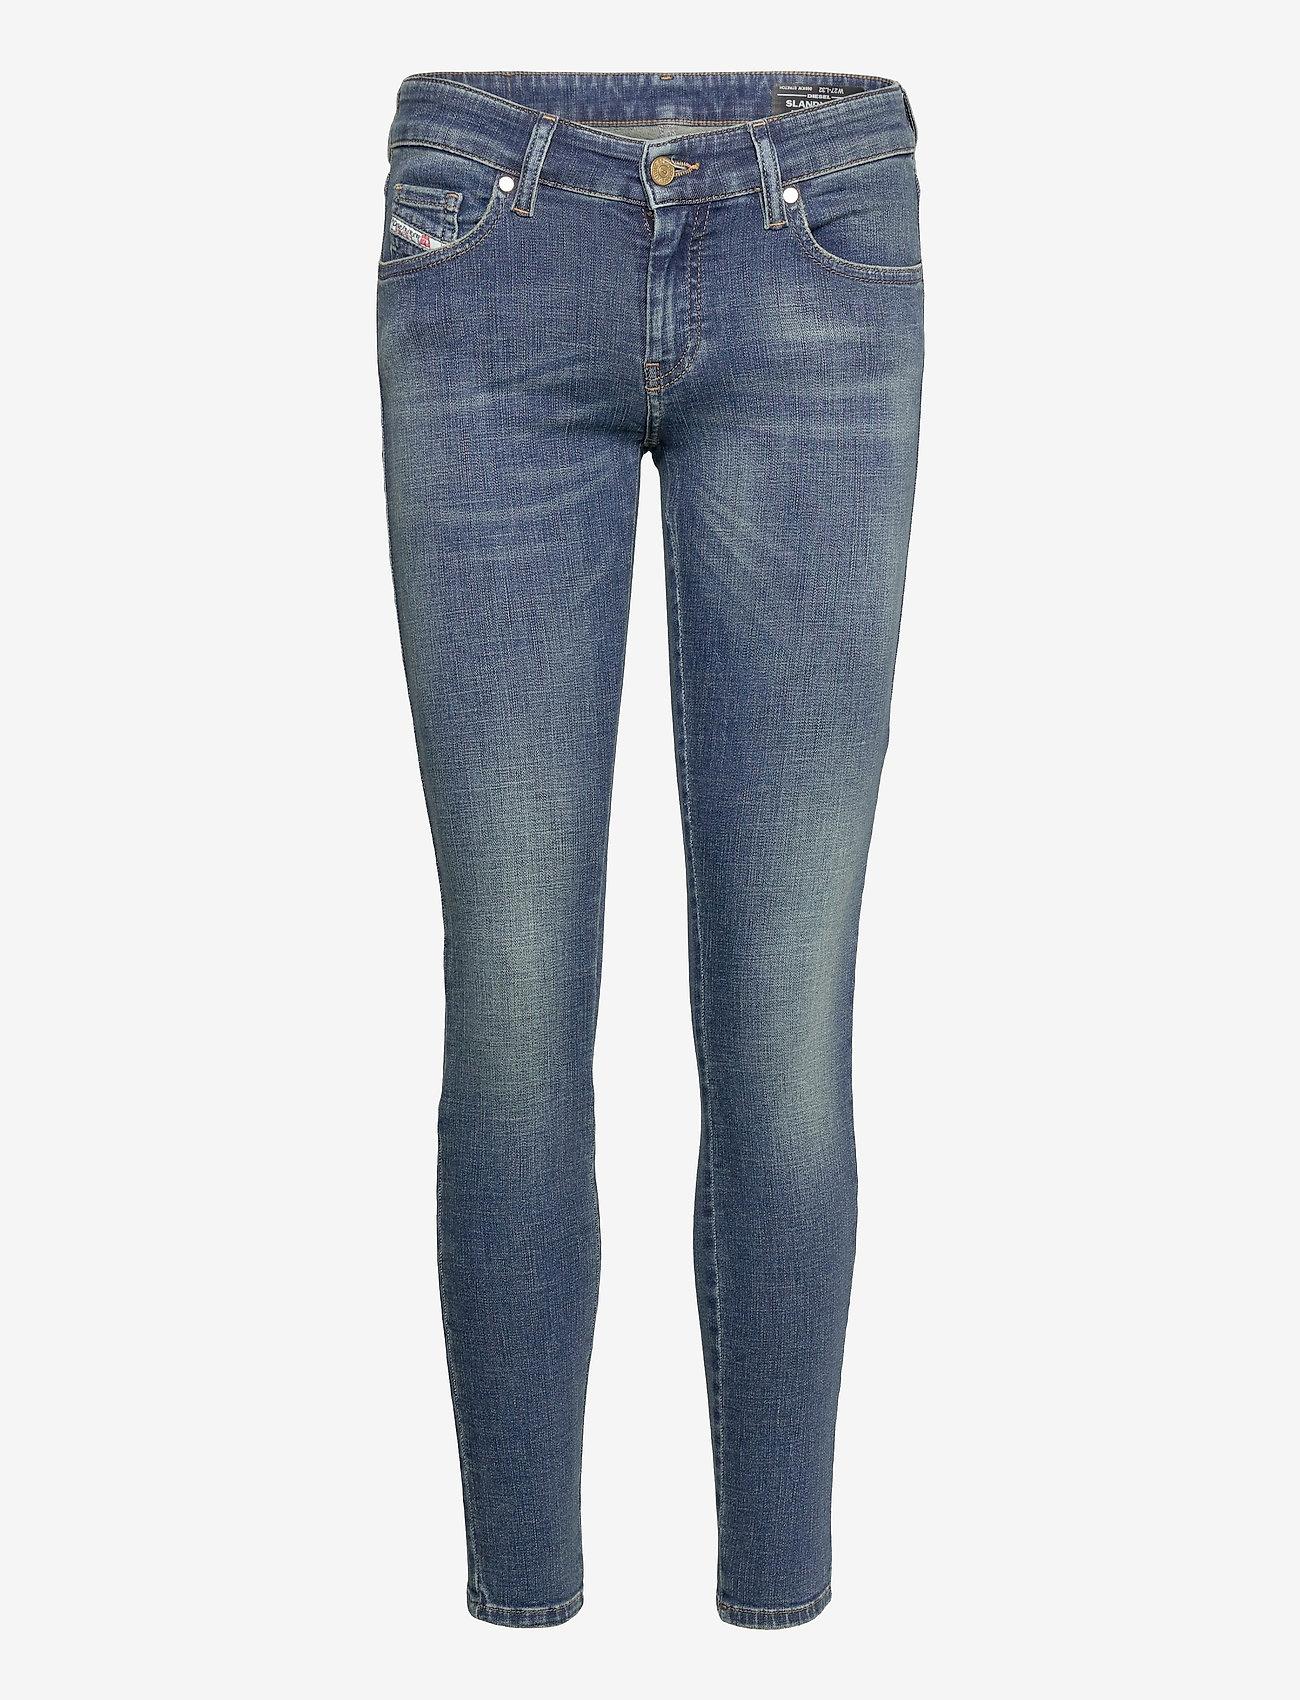 Diesel Women - SLANDY-LOW L.30 TROUSERS - slim jeans - denim - 0